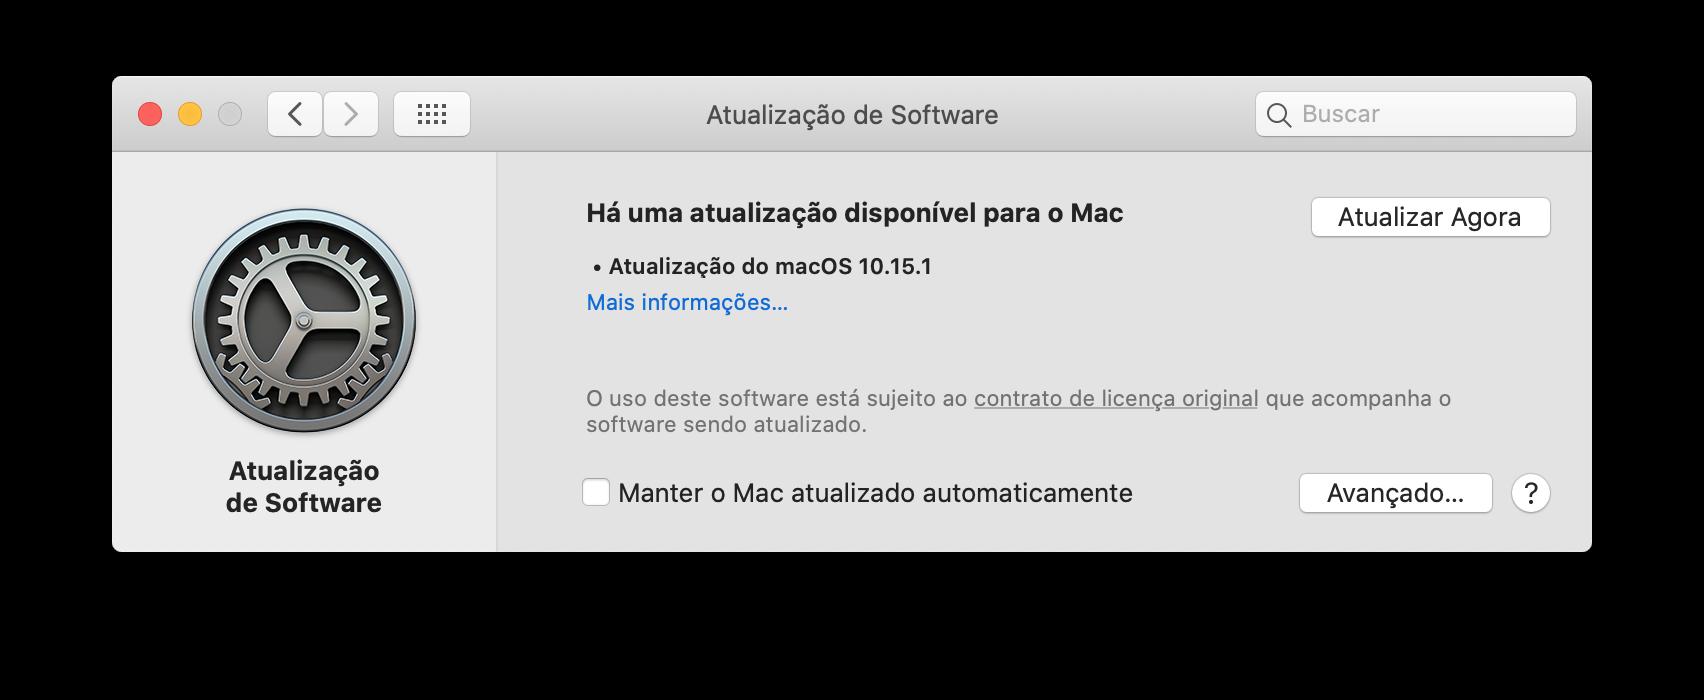 Atualização de software do Mac